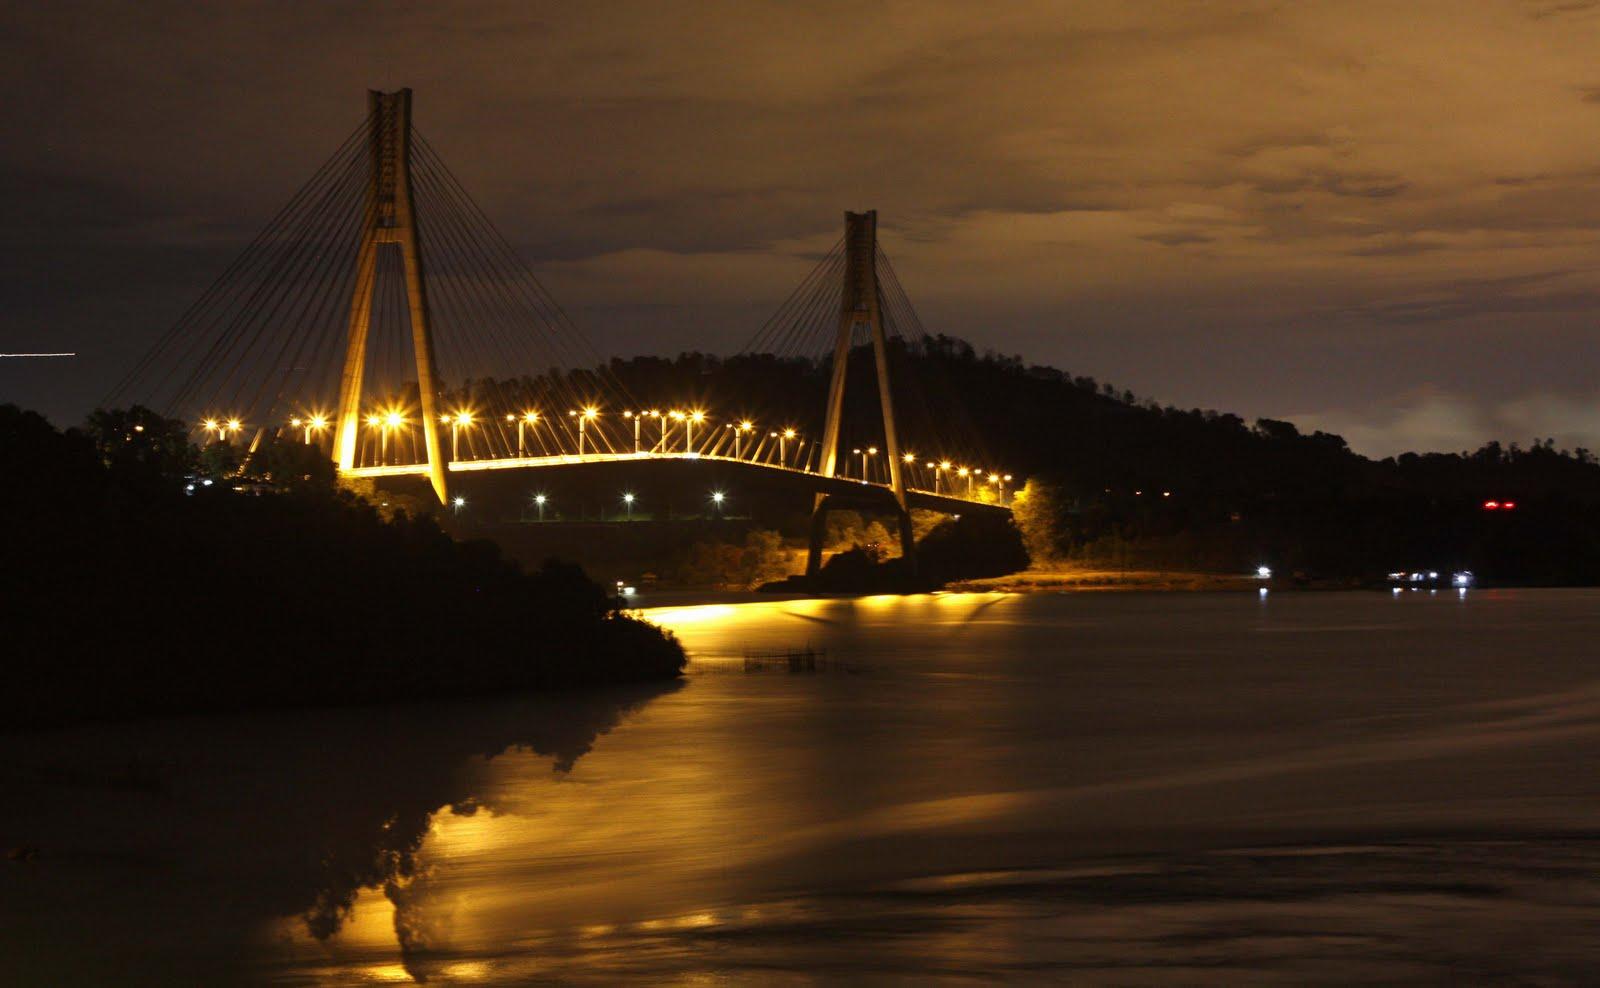 Berwisata di Jembatan Barelang